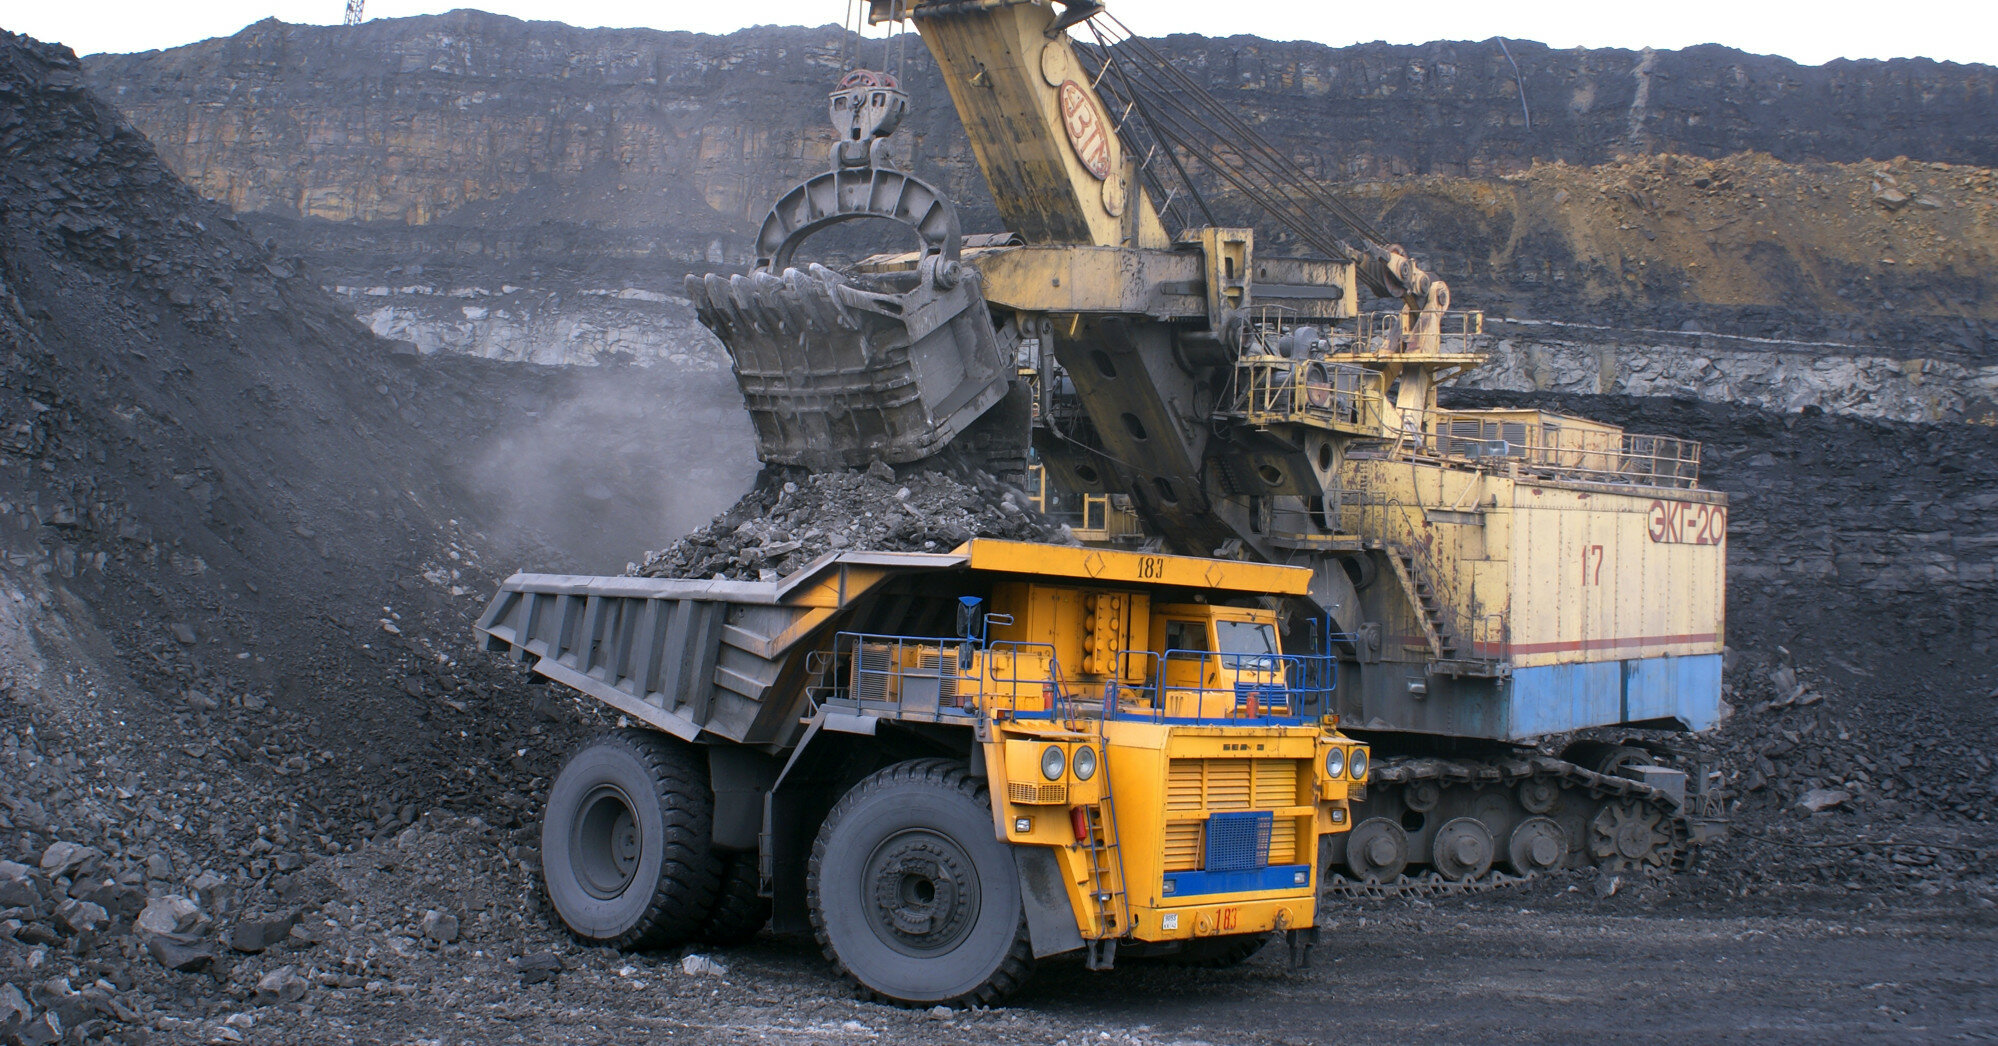 ЕС ввел санкции против крупнейших машиностроительных предприятий Беларуси